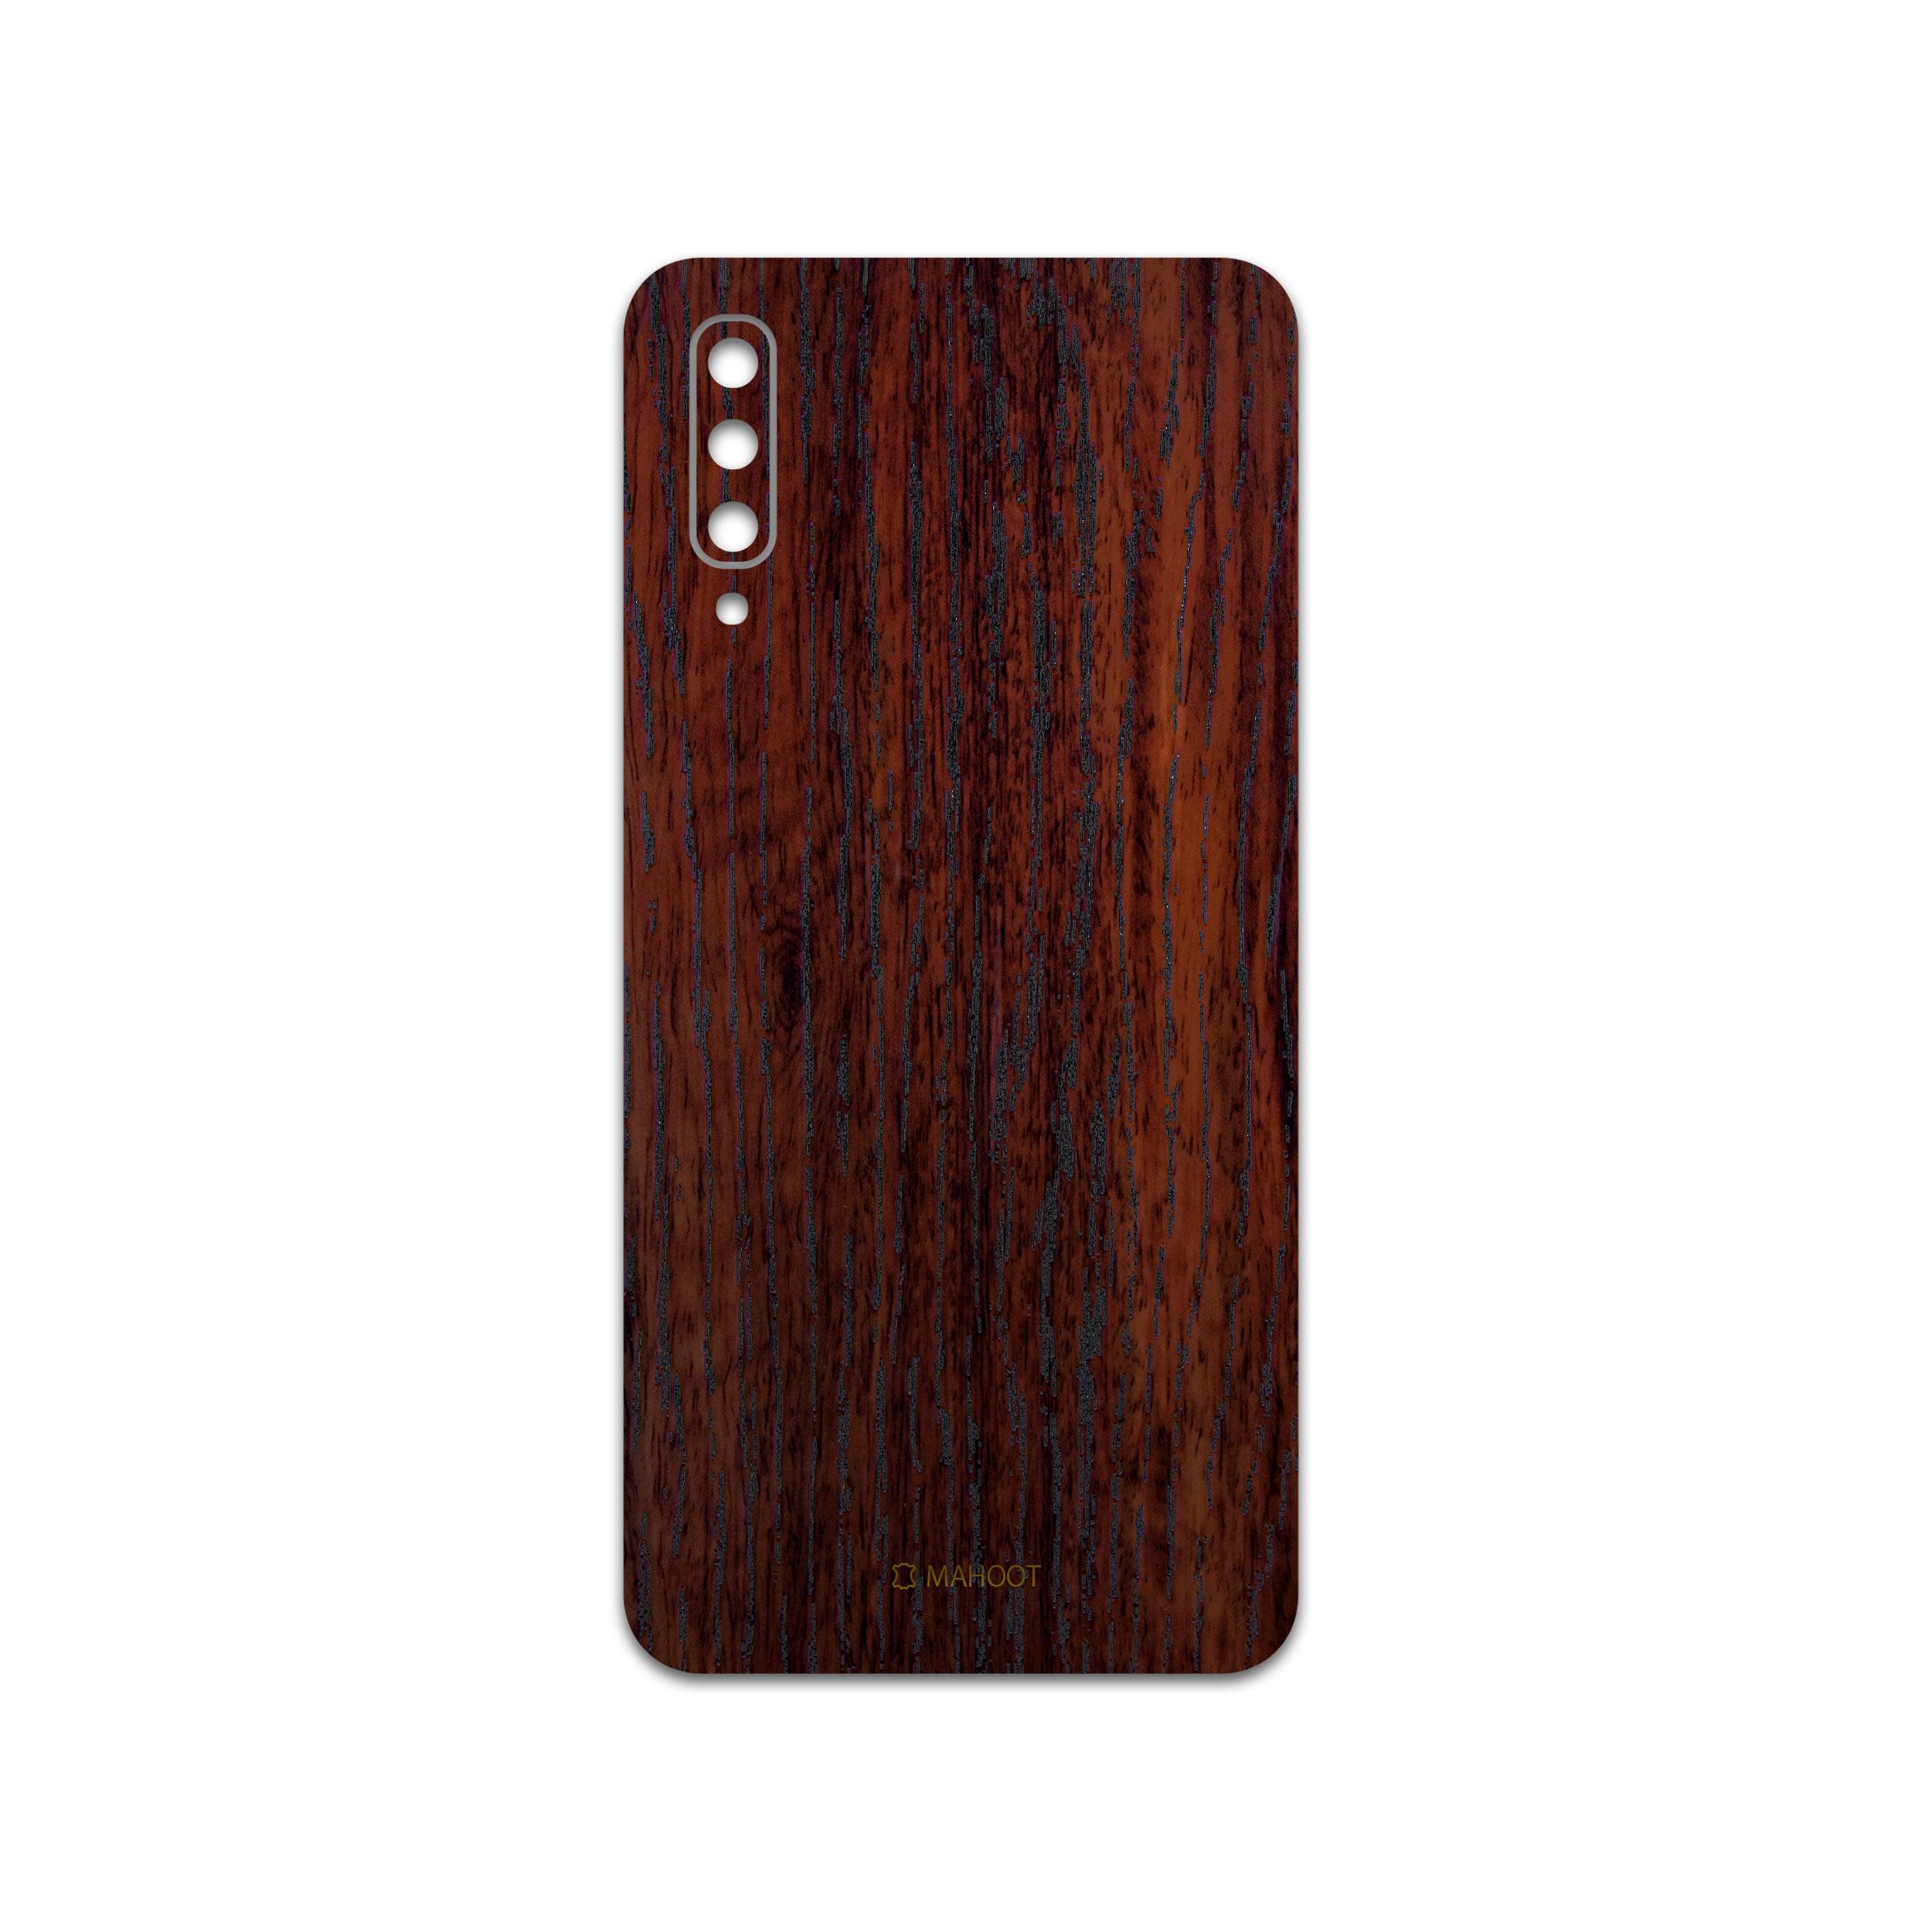 برچسب پوششی ماهوت مدل Red-Wood مناسب برای گوشی موبایل سامسونگ Galaxy A50